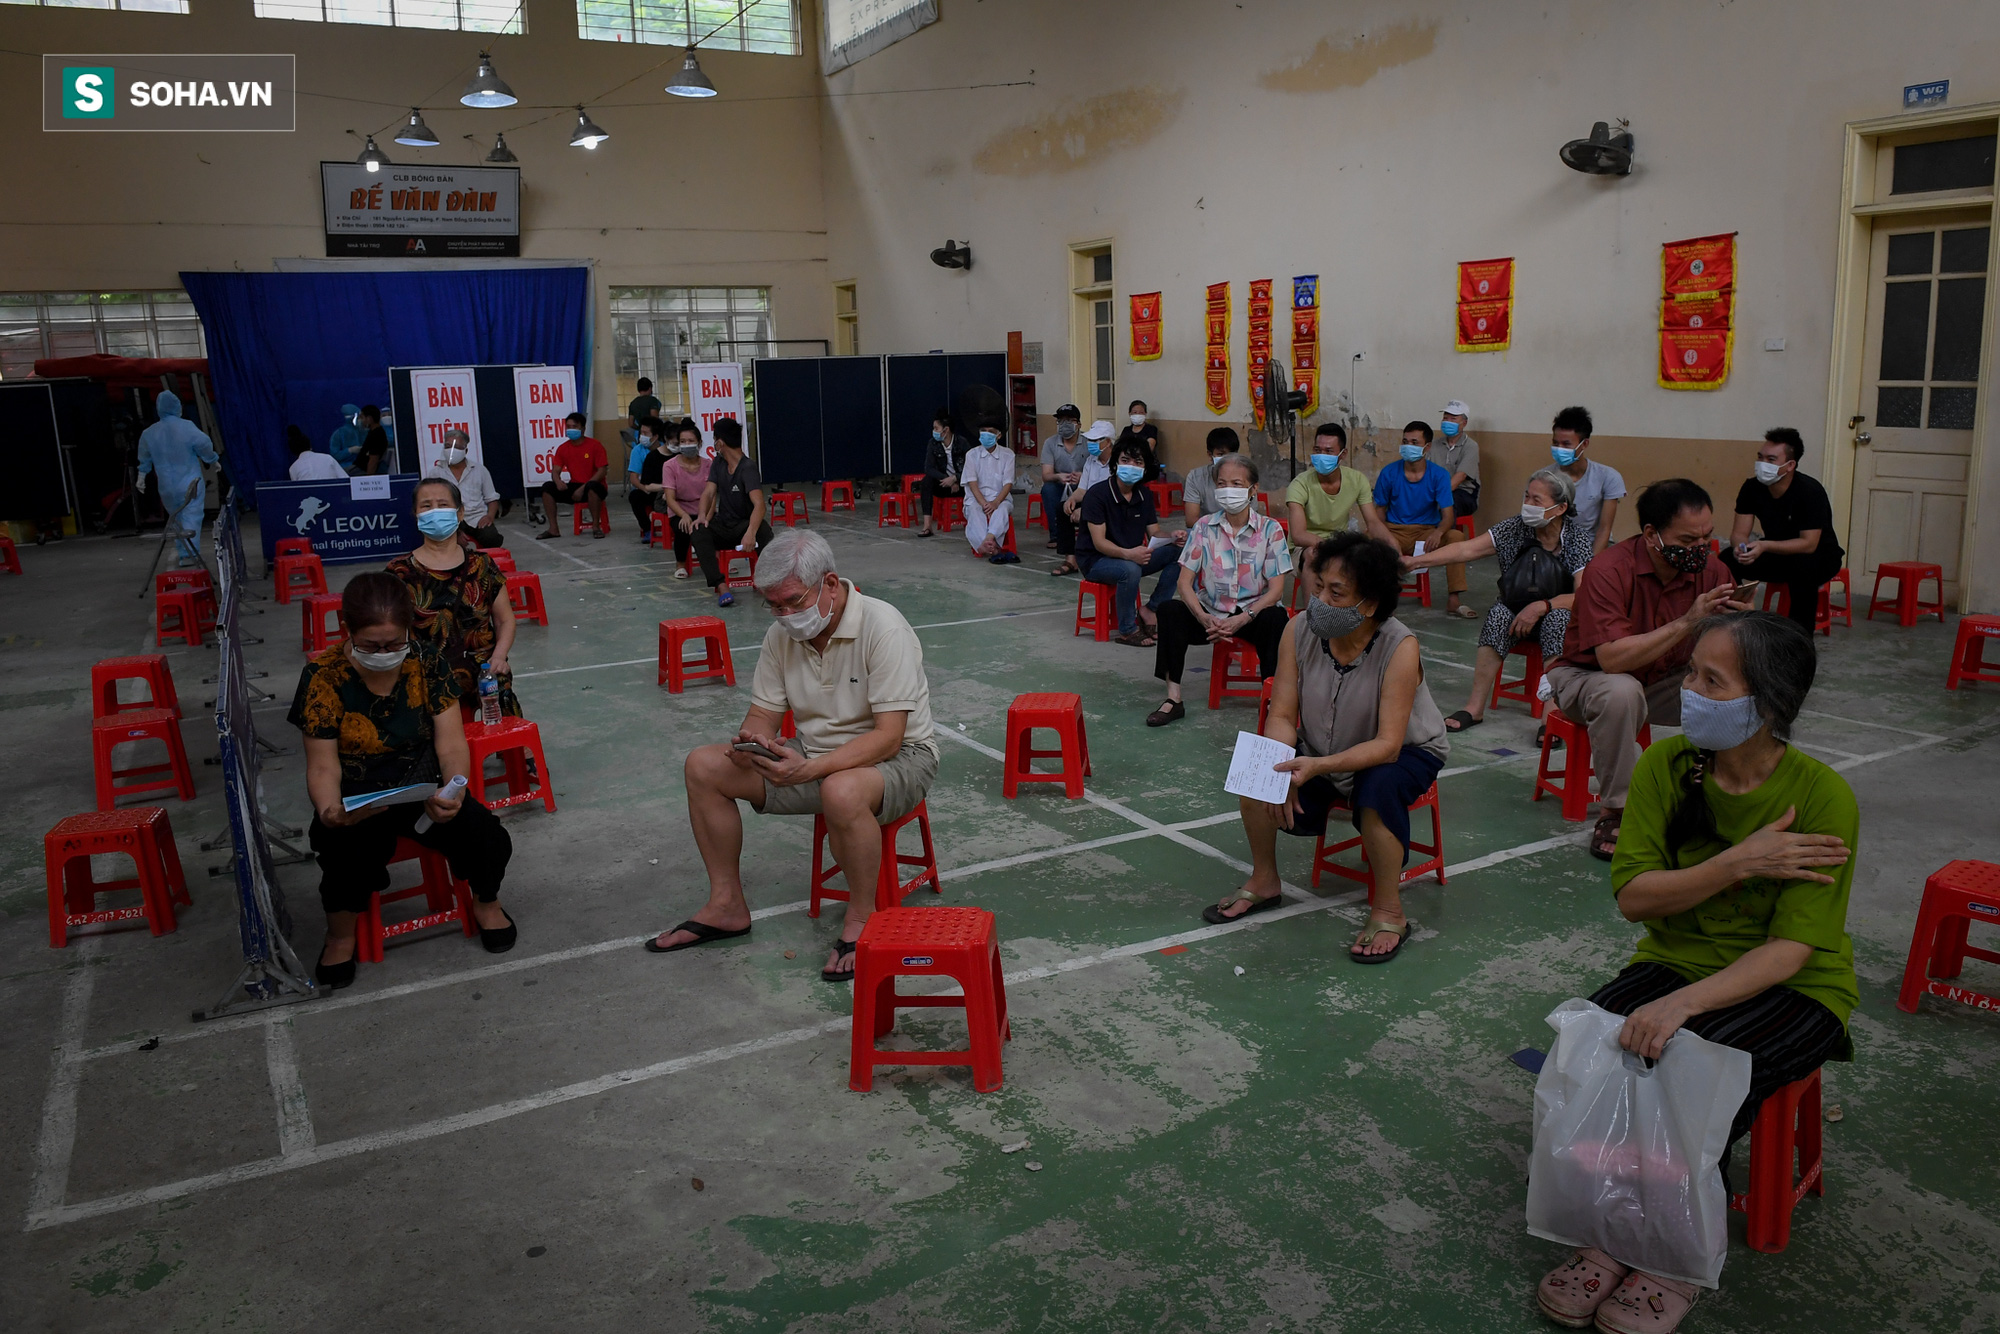 Phường ở Hà Nội tiêm vắc xin Covid-19 cho cả người không có giấy tờ tuỳ thân - Ảnh 12.